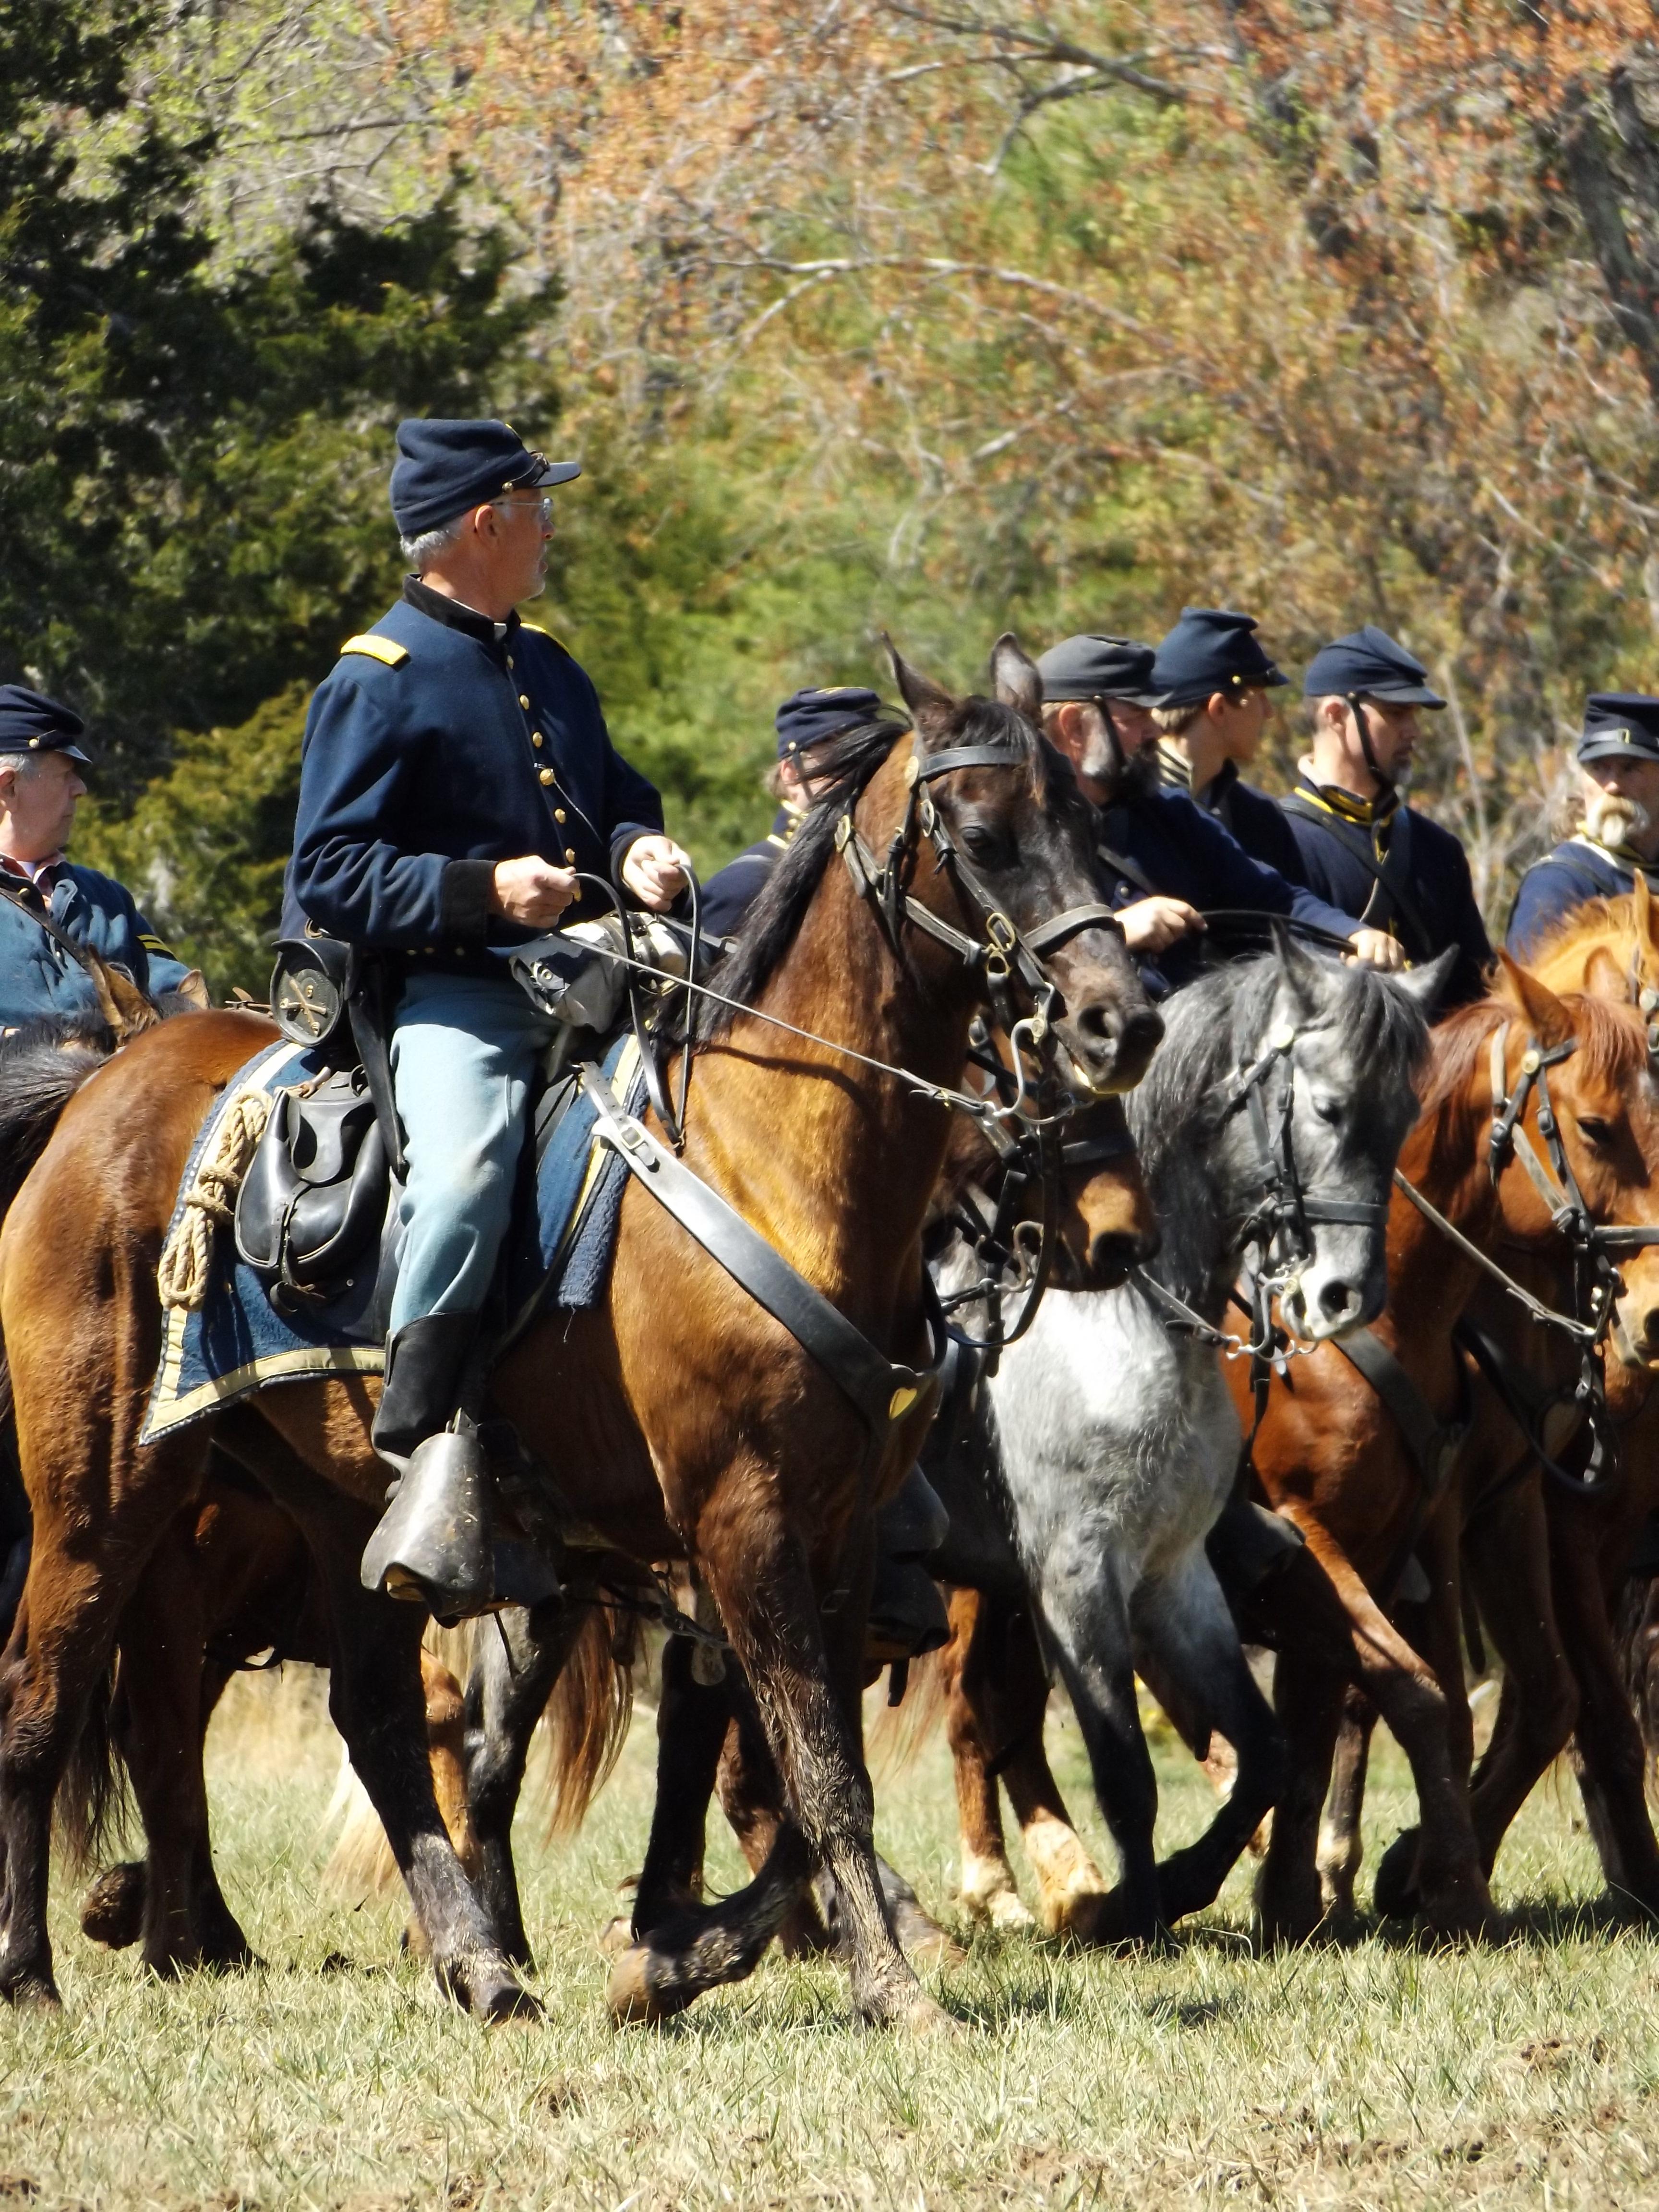 appomattox christian personals Lassten sie sich von den reiseberichten unseres reisebüro-personals  mr lincoln's army, glory road, stillness of appomattox  münchen christian verlag.